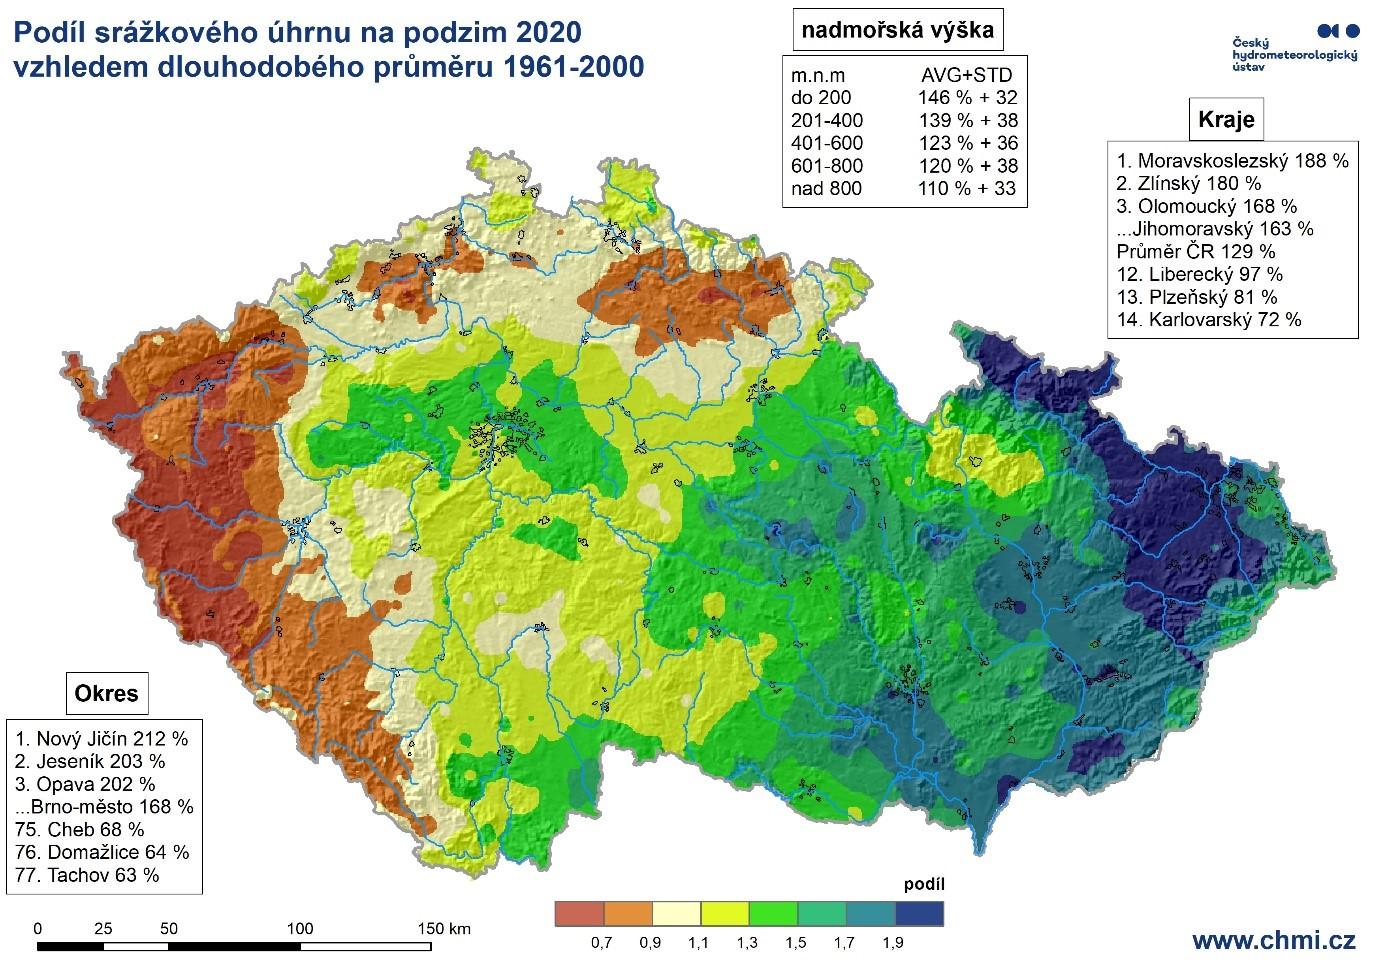 Podzim 2020 – sucho na západě, velká voda na východě2 min čtení